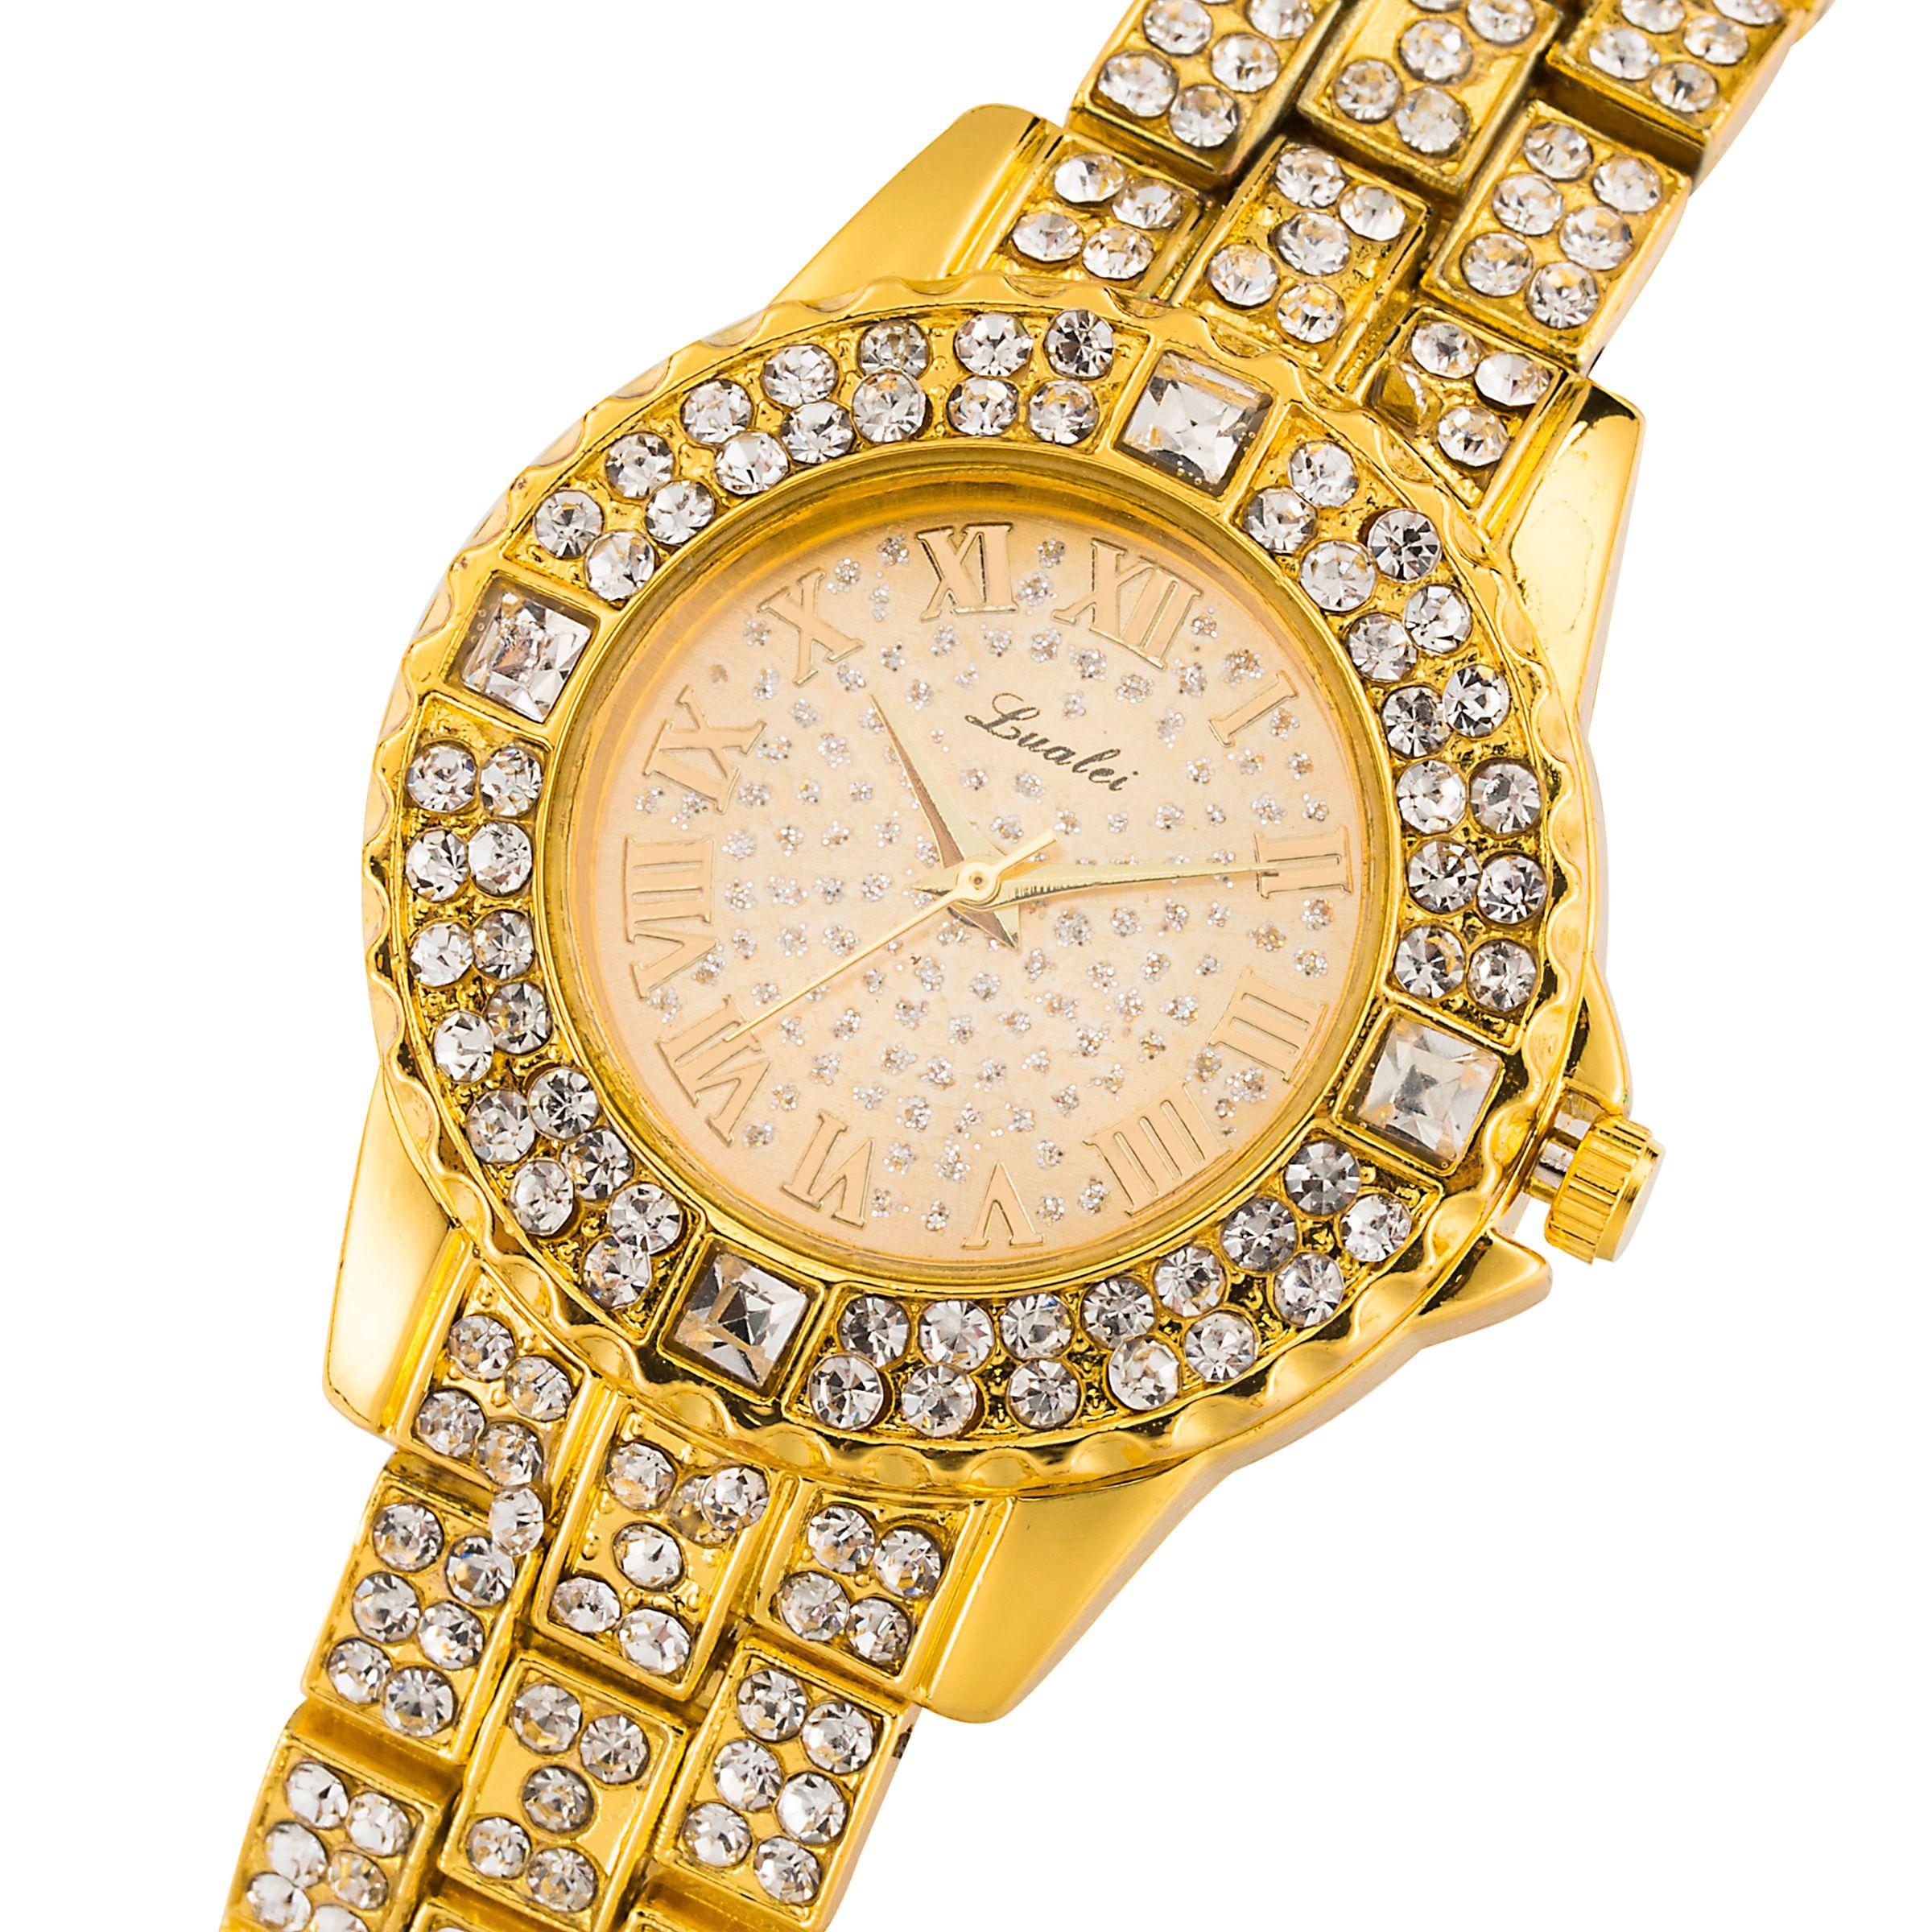 LAZADA爆款跨境外贸时尚女士手表镶钻合金手链表满天星女士石英表